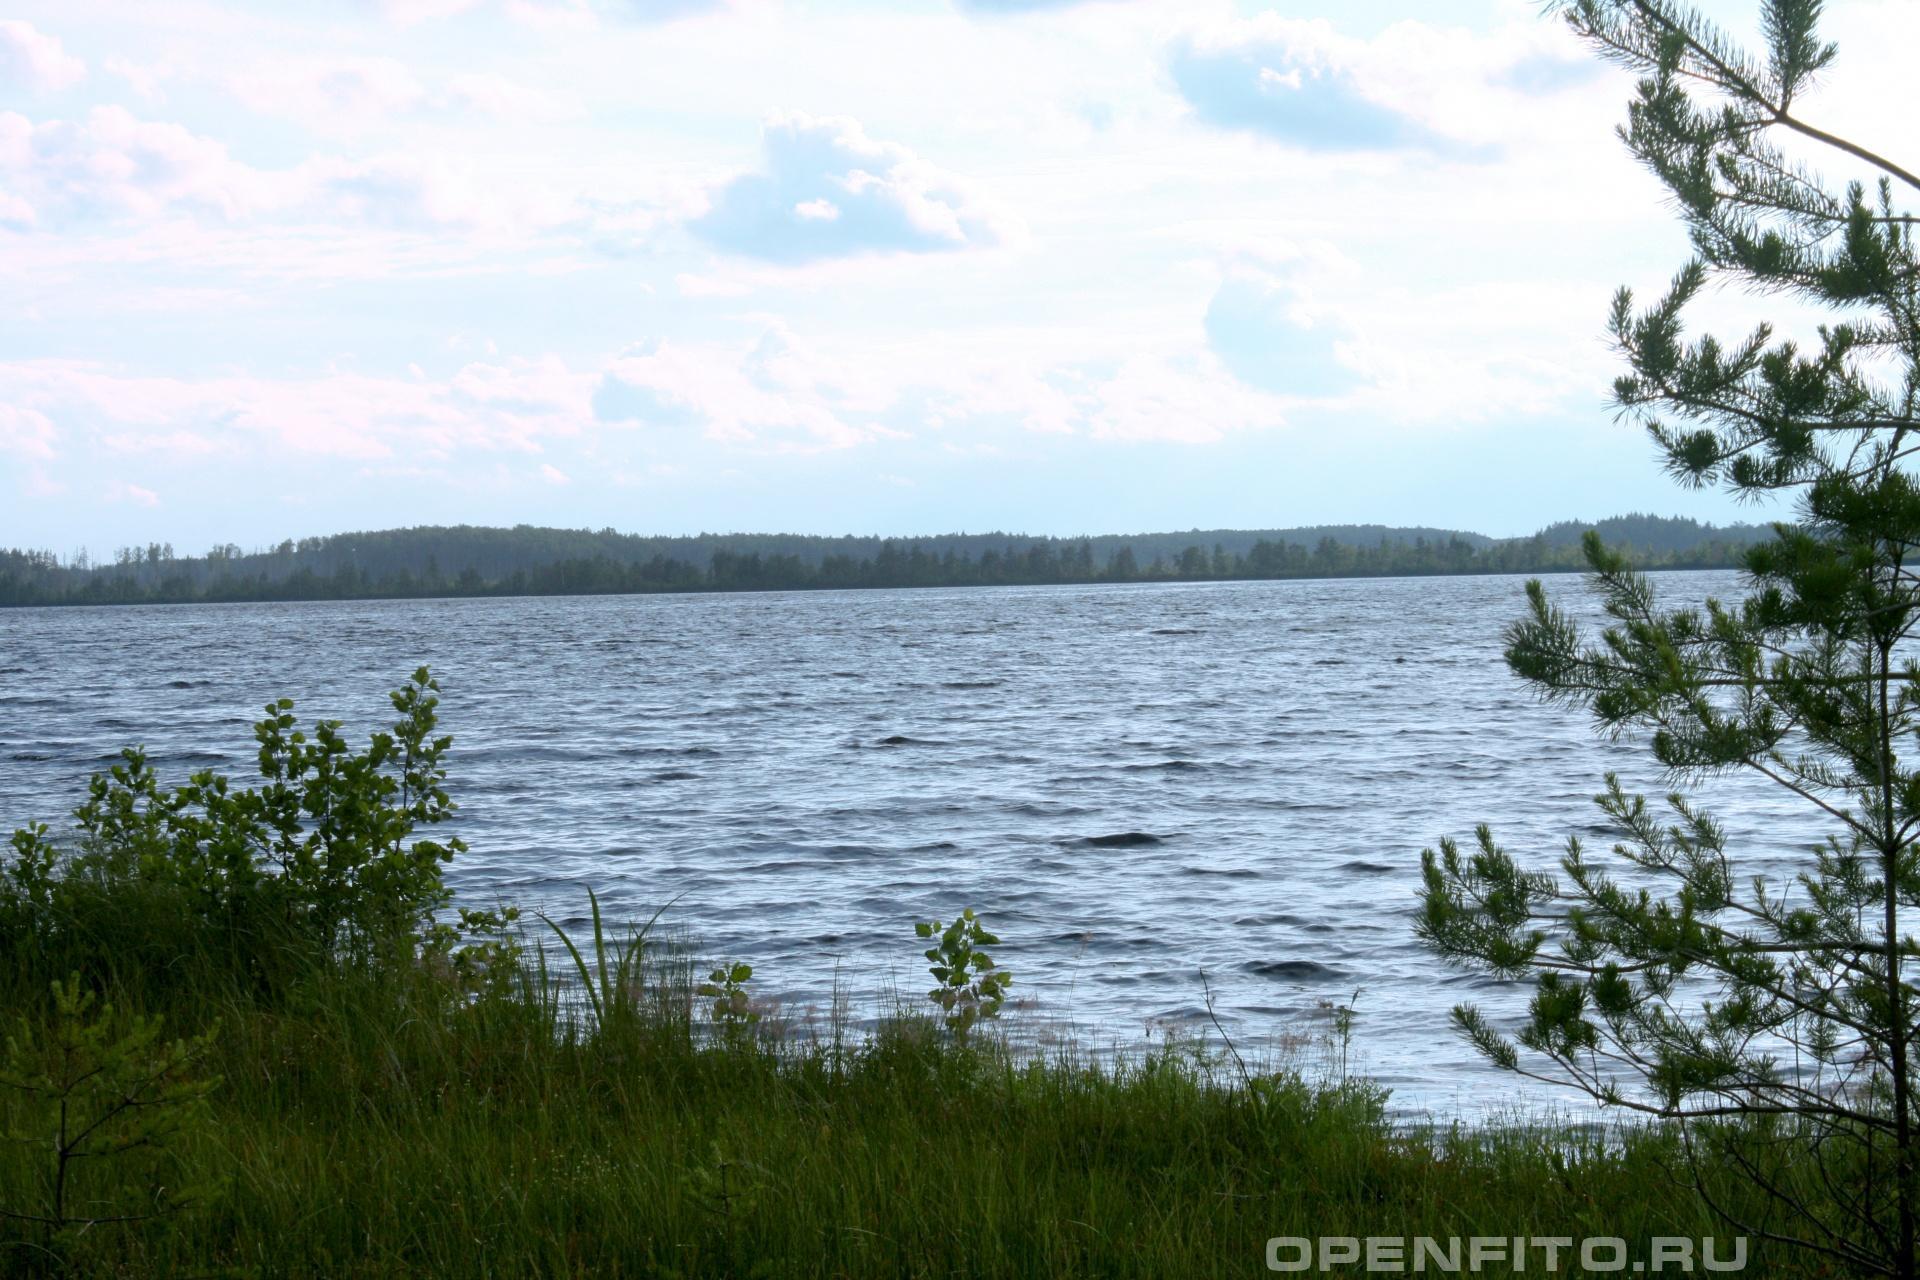 Озеро Богоявленское Южский район Ивановской области